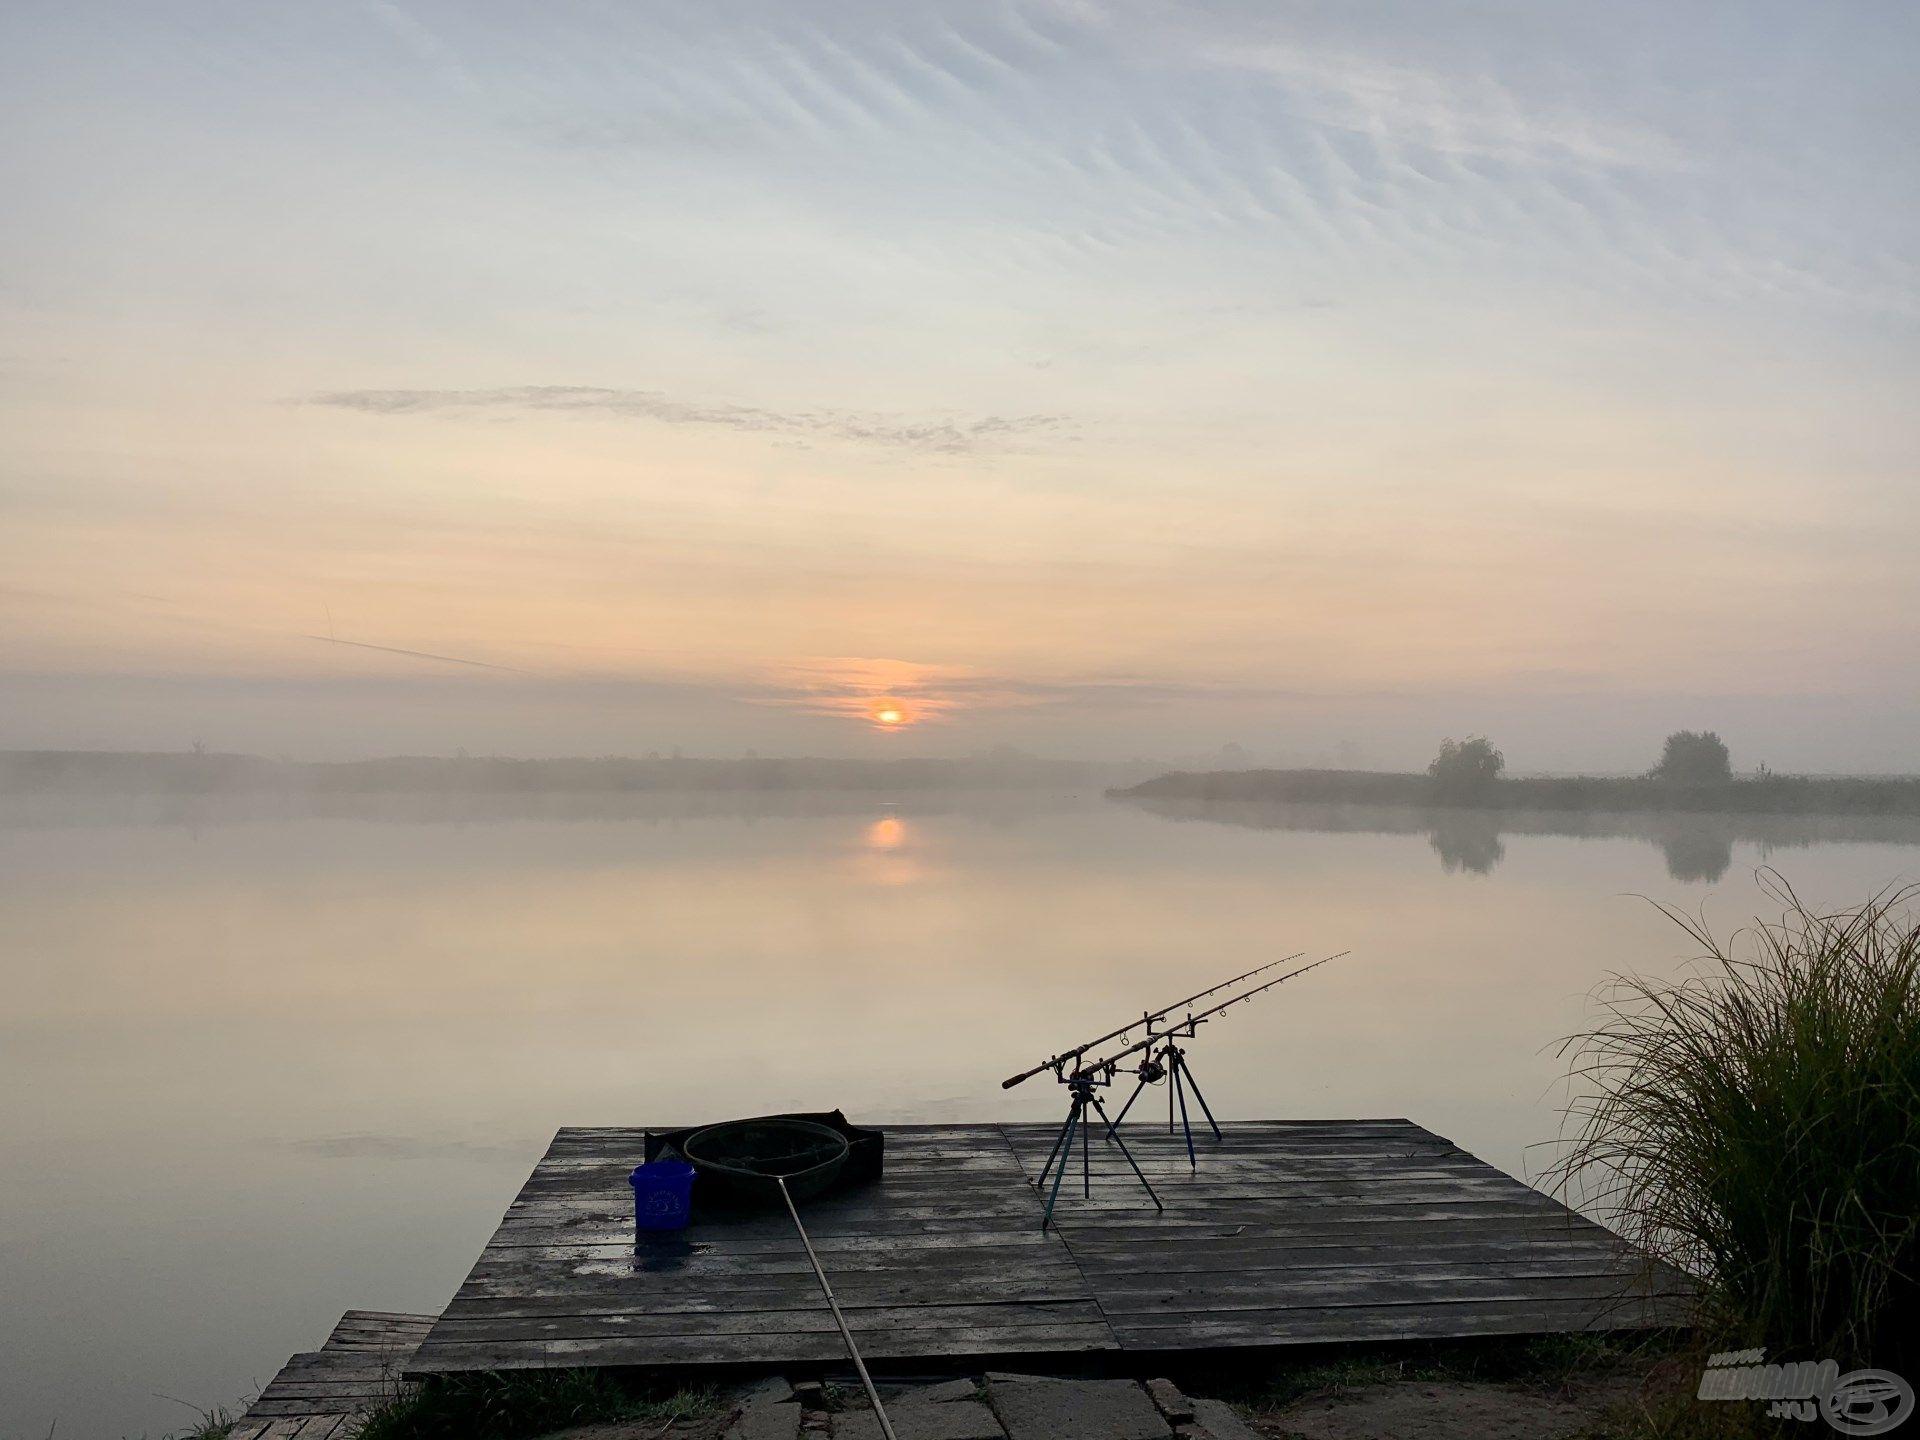 Gyönyörű, ködös napfelkelte fogadott a tóparton